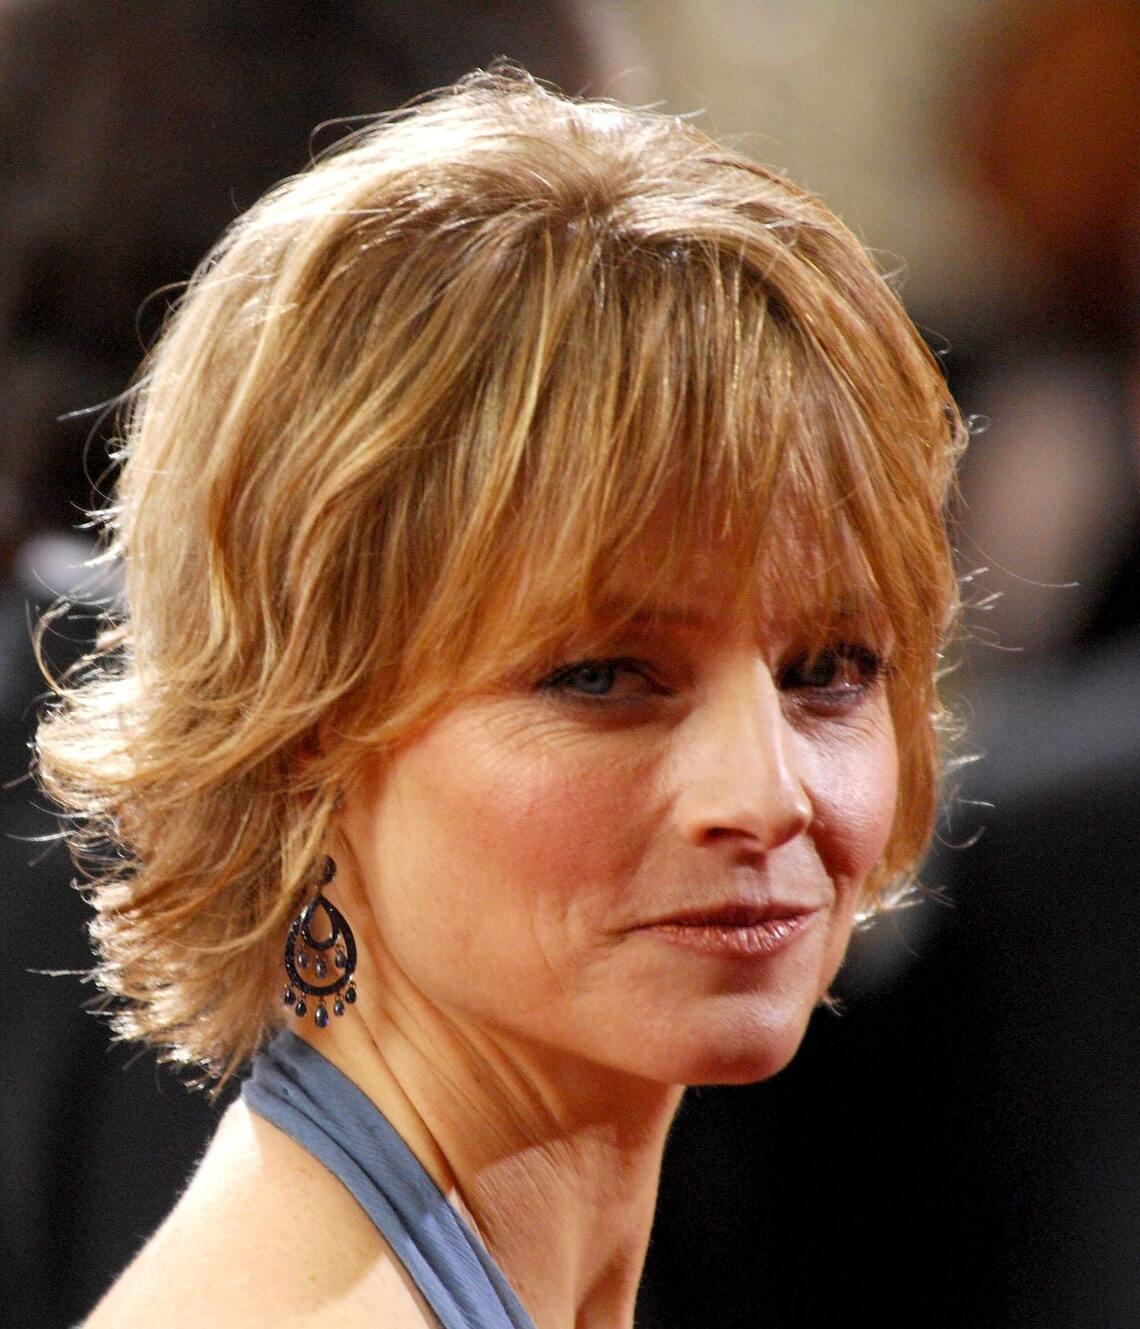 Джоди Фостер рассказала о самых приятных воспоминаниях со съемок фильма «Молчание ягнят»